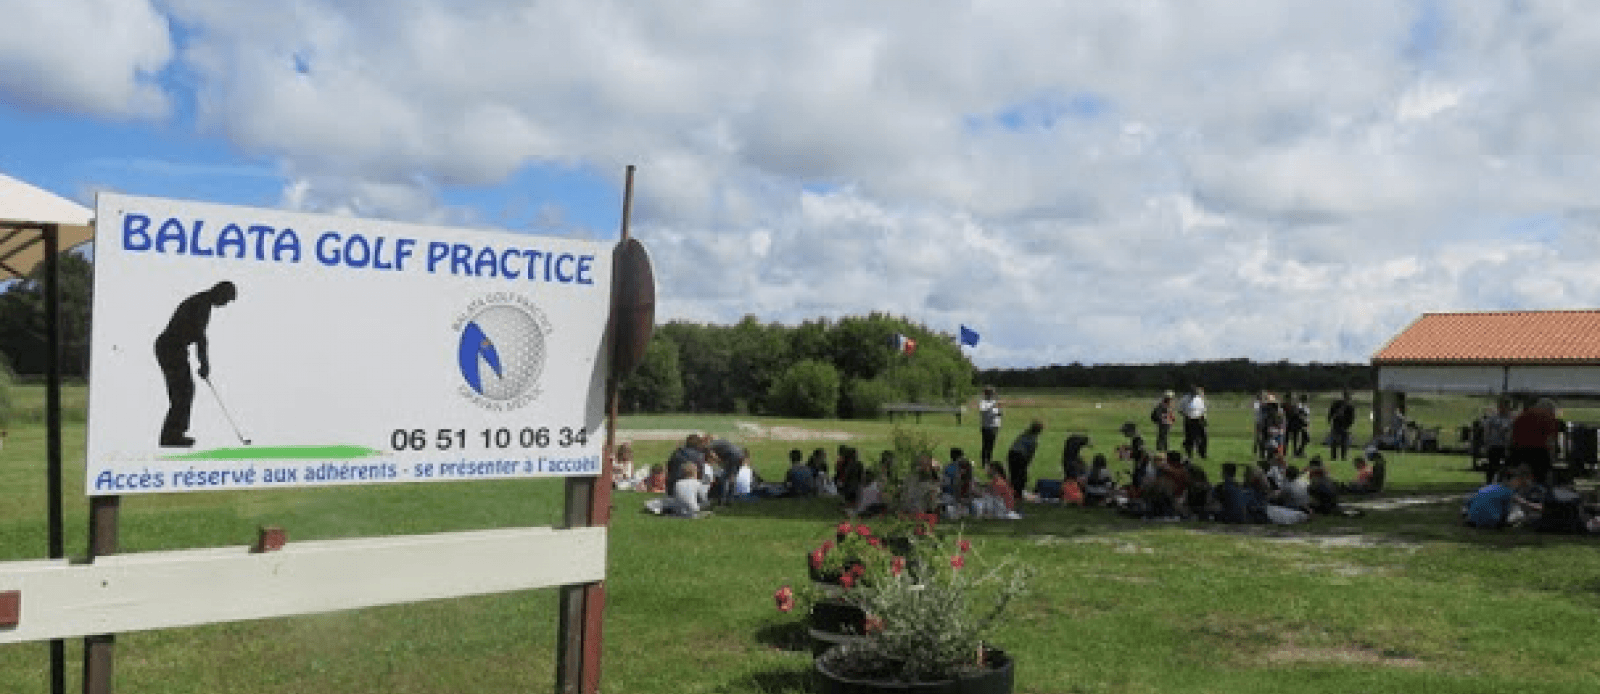 Le Balata Golf Practice13